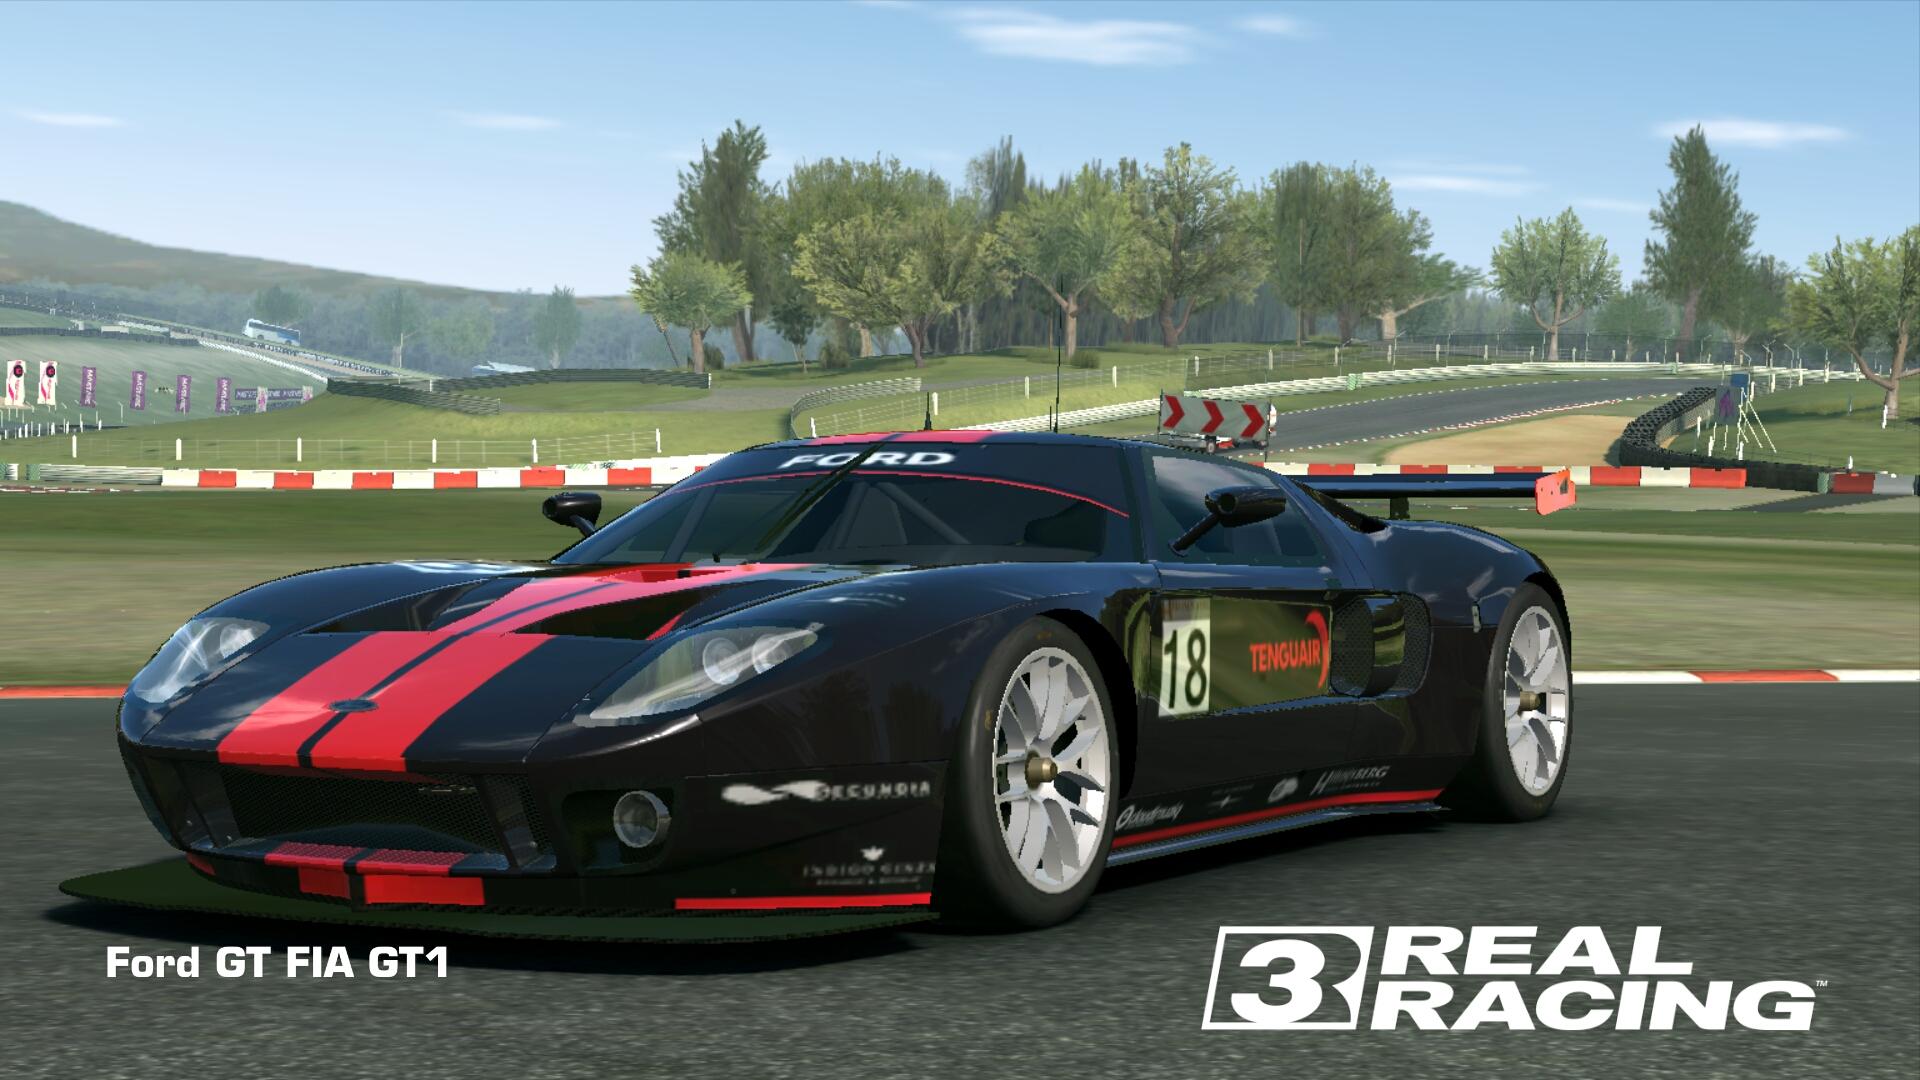 Showcase Ford GT FIA GT1